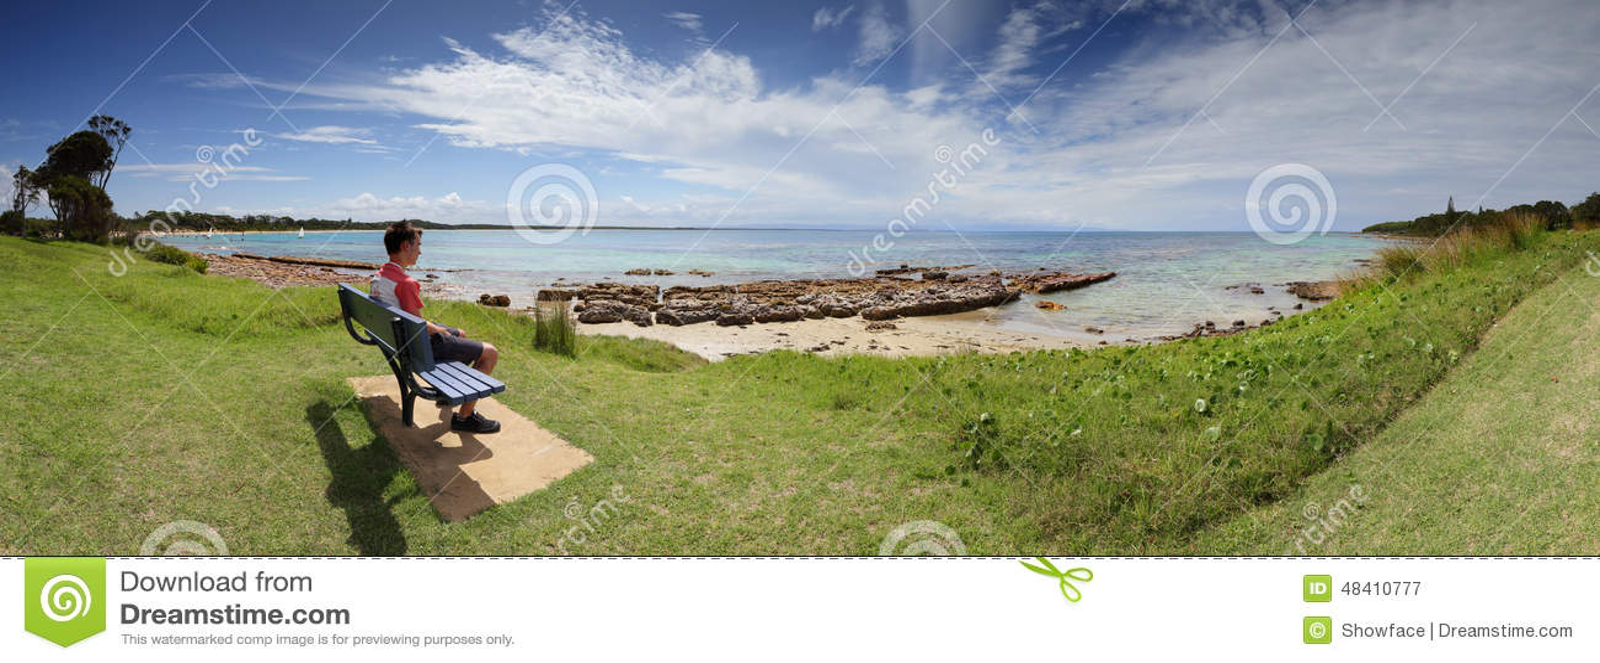 Toeristenbezoeker die het Strand Australië bewonderen van meningencurrarong